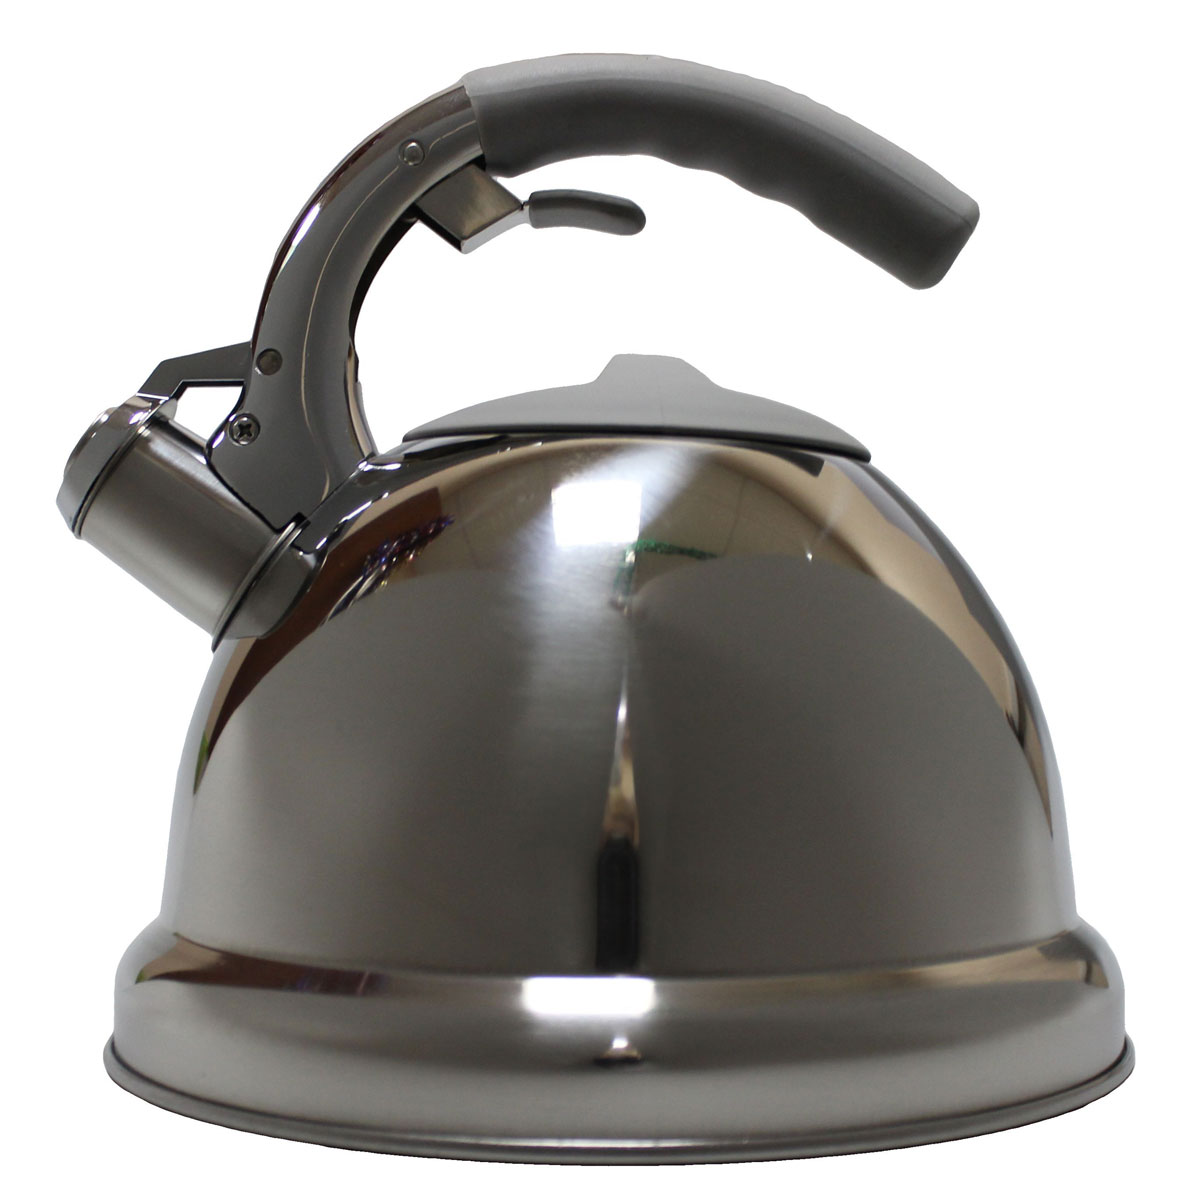 Чайник Vetta Вена, со свистком, 3 л847009Зеркальный чайник, объемом 3,0 л. Изготовлен из нержавеющей стали. Имеет свисток, который сообщит о закипании воды. Отлично подходит для индукционных варочных поверхностей.